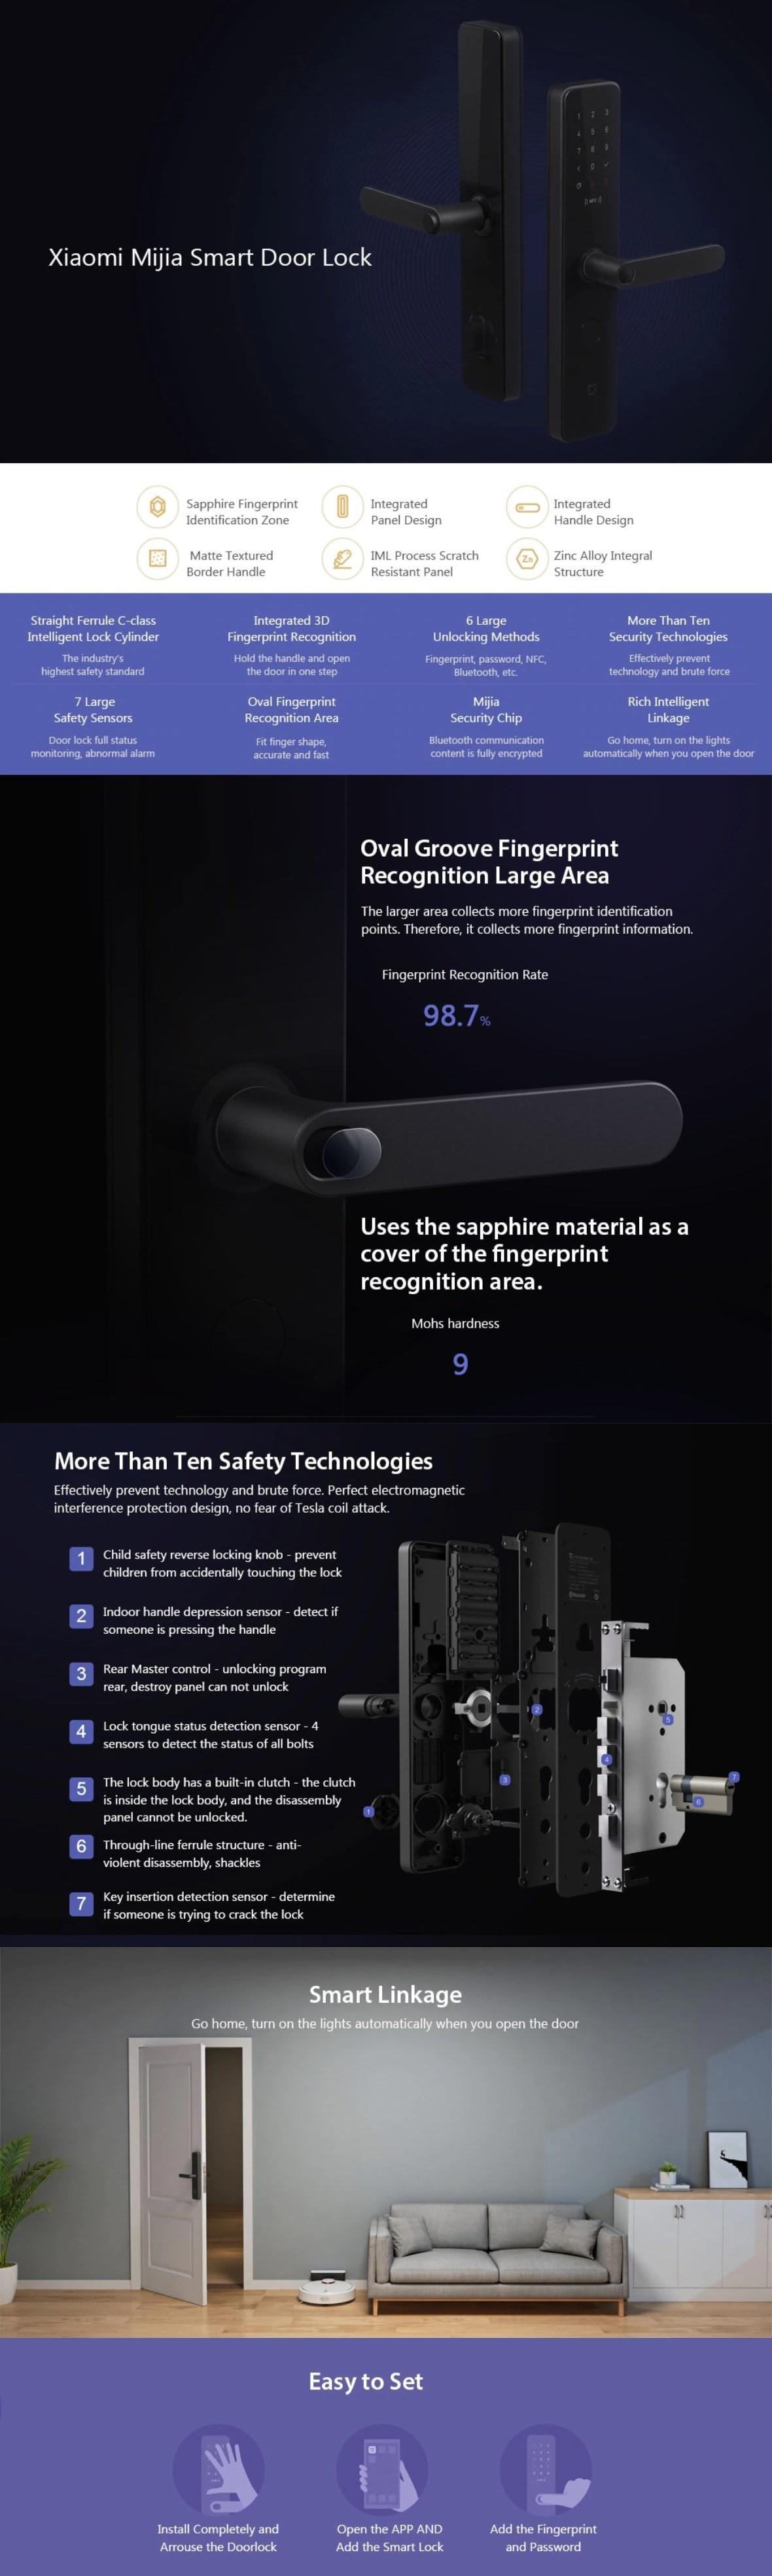 Prezentare-Xiaomi-Mijia-Smart-Door-Lock30acb6c000926c0d.jpg